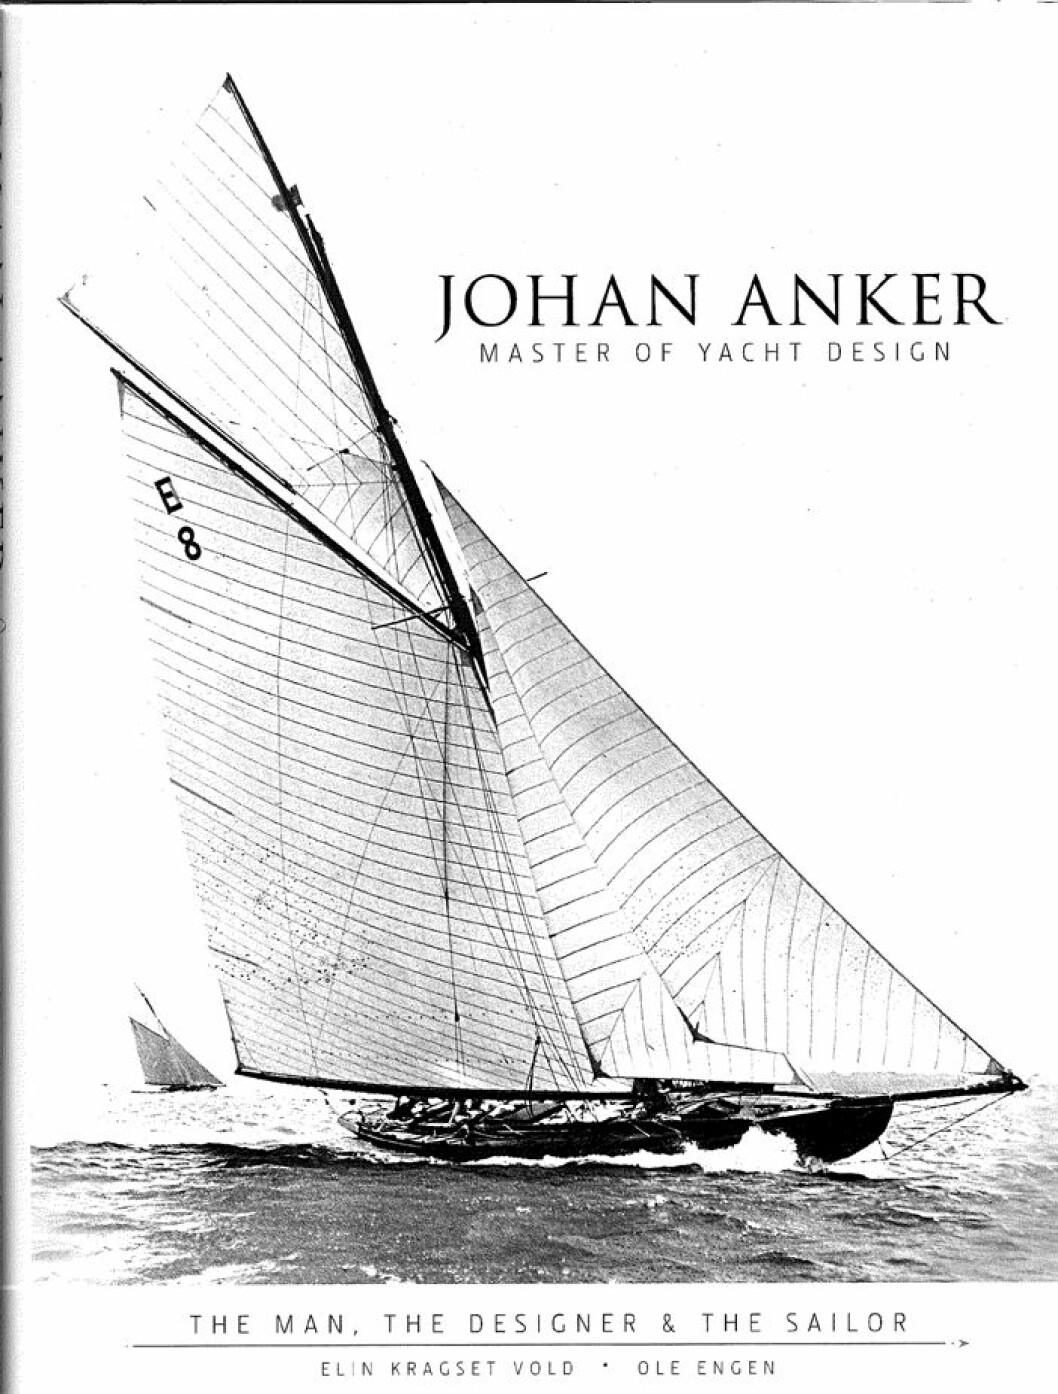 Johan Anker-boken på engelsk